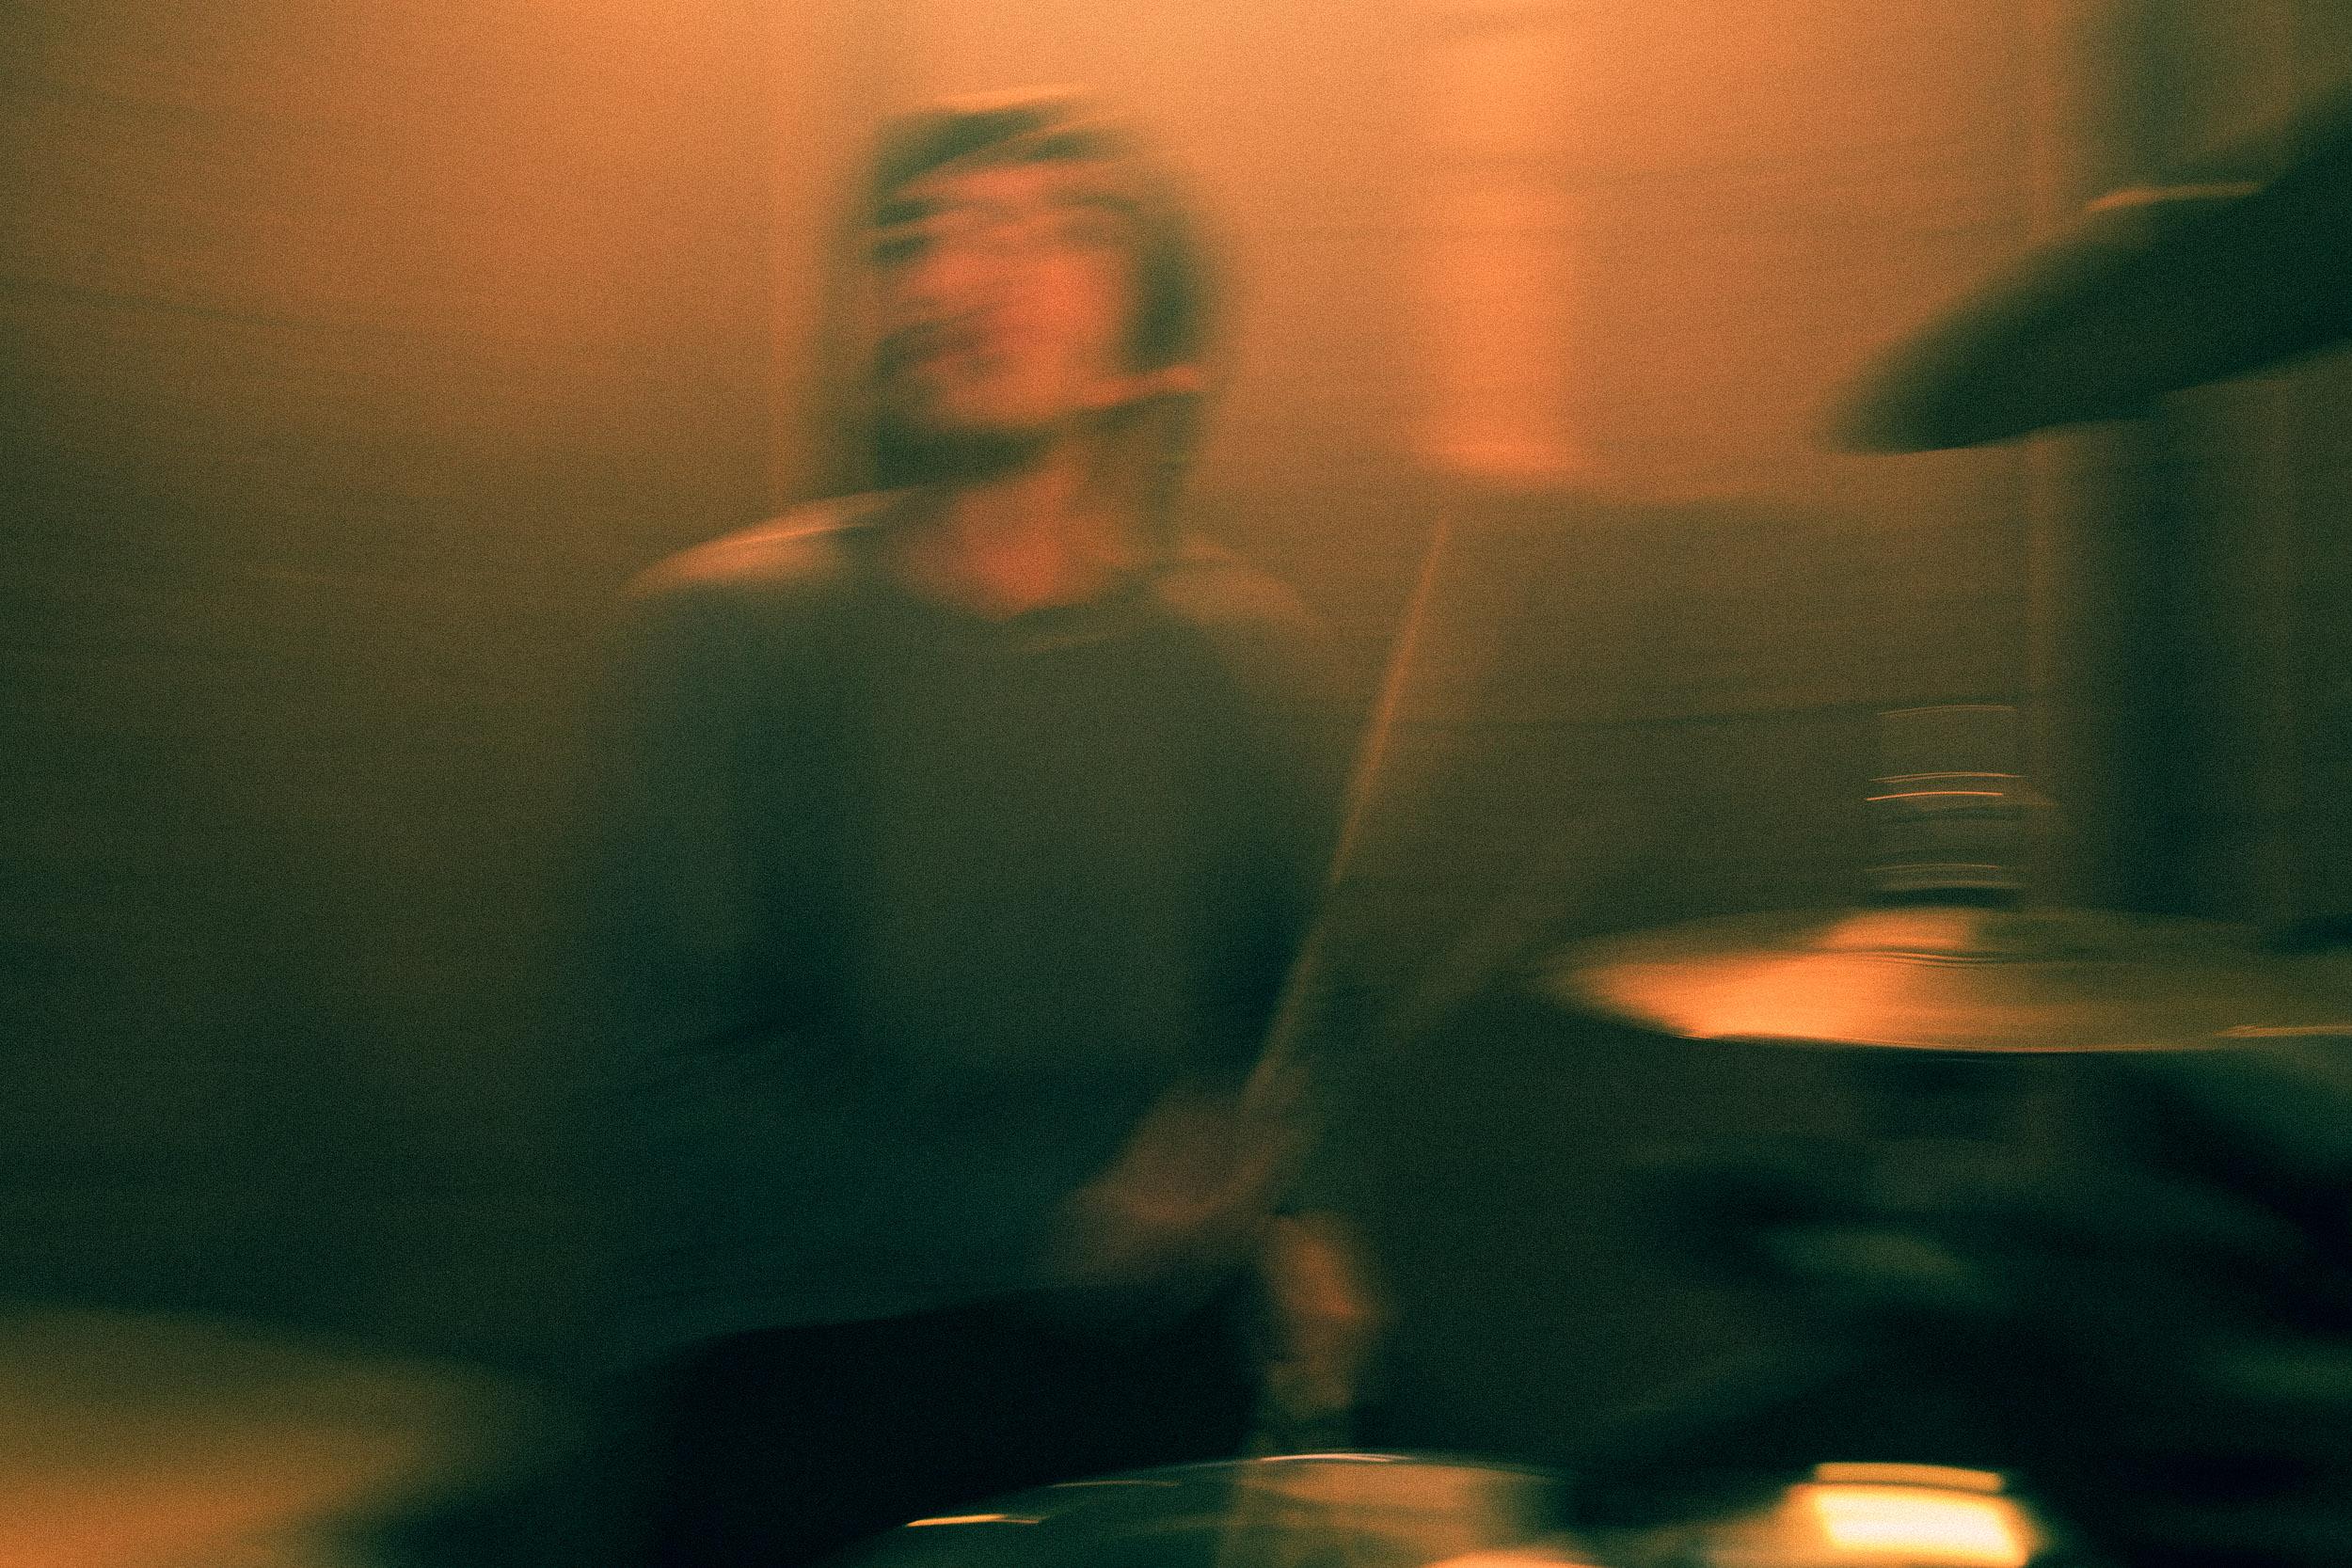 AndrewWhite_Musician_Nashville-3.JPG